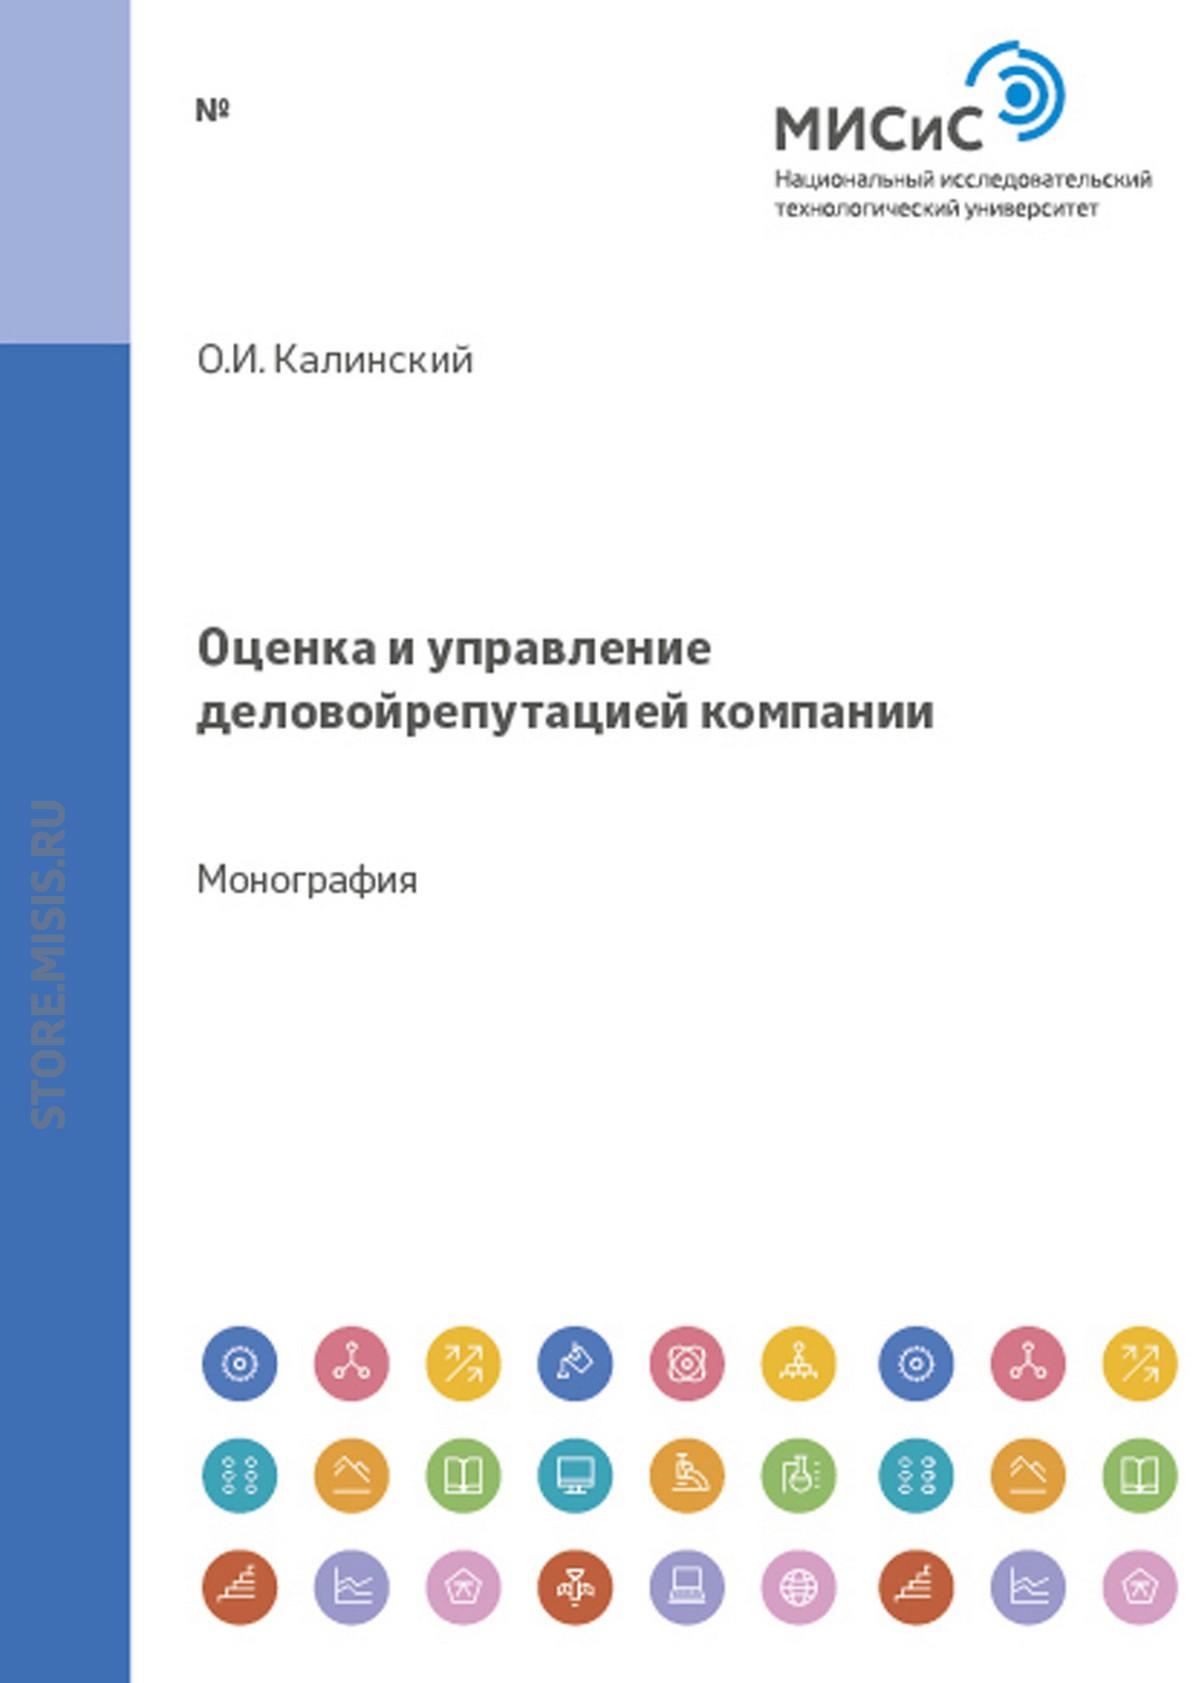 О. И. Калинский Оценка и управление деловой репутацией компании защита чести достоинства и деловой репутации